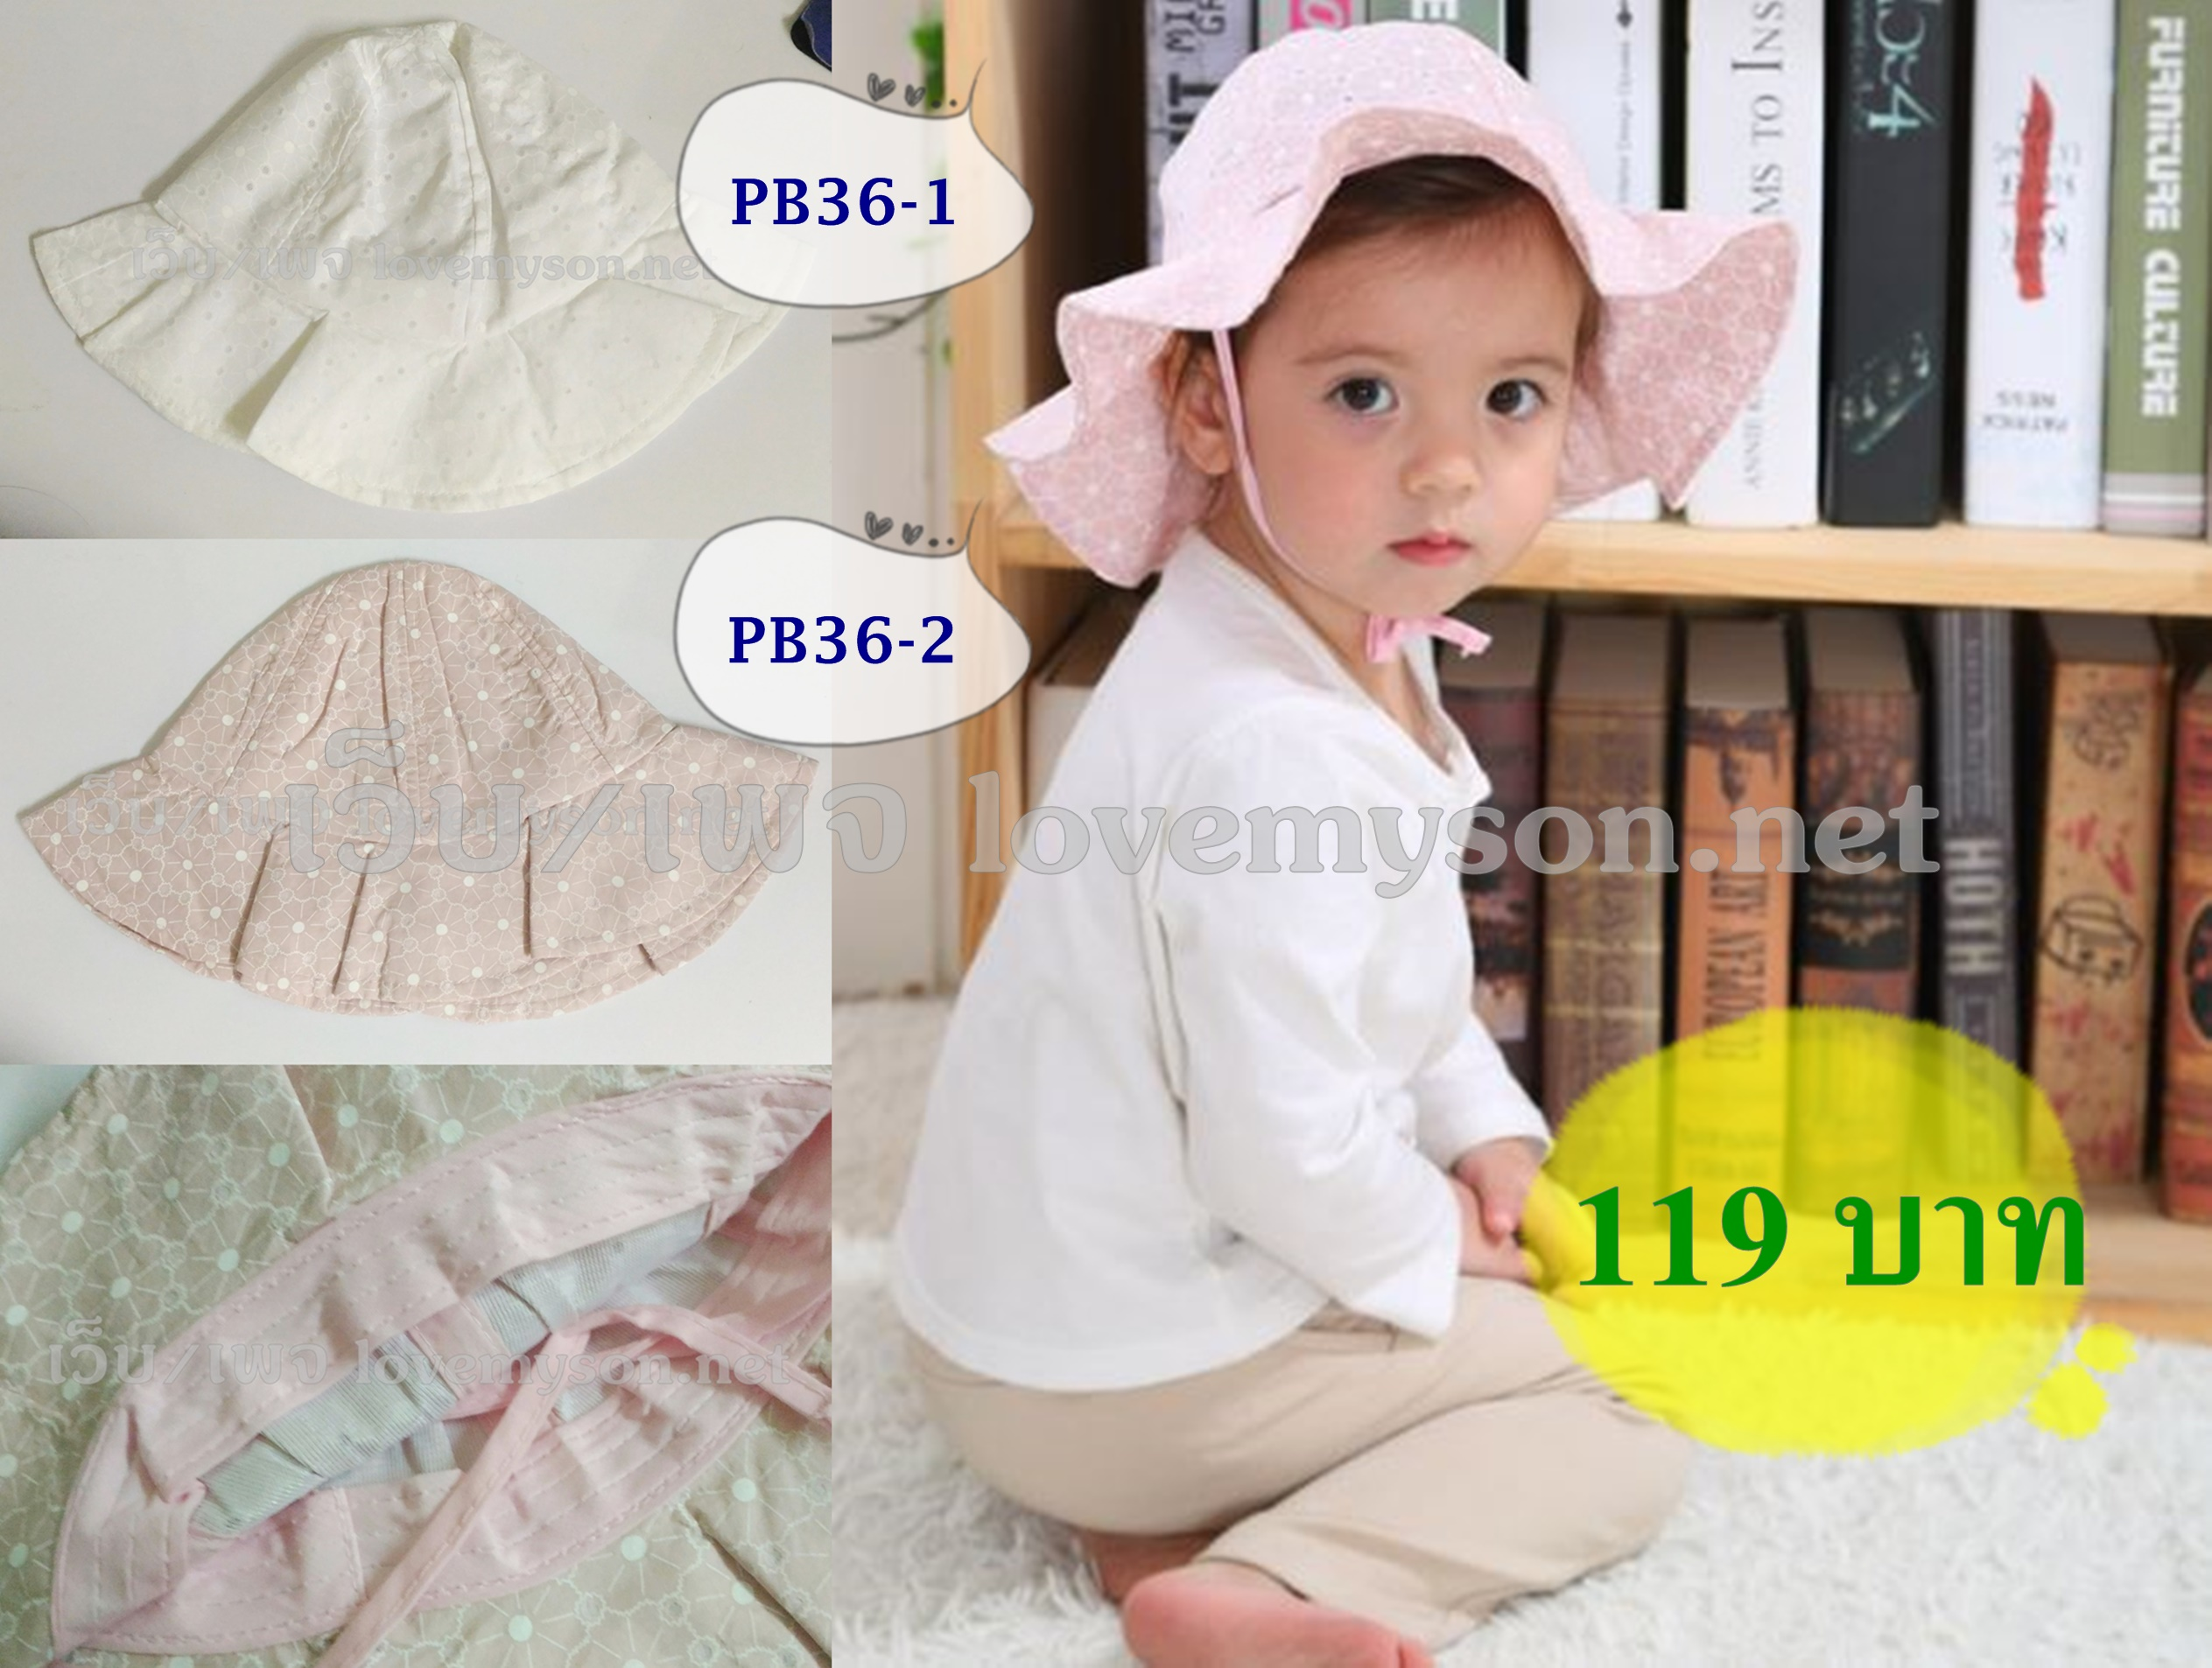 หมวกเด็กปีกกว้าง PB36